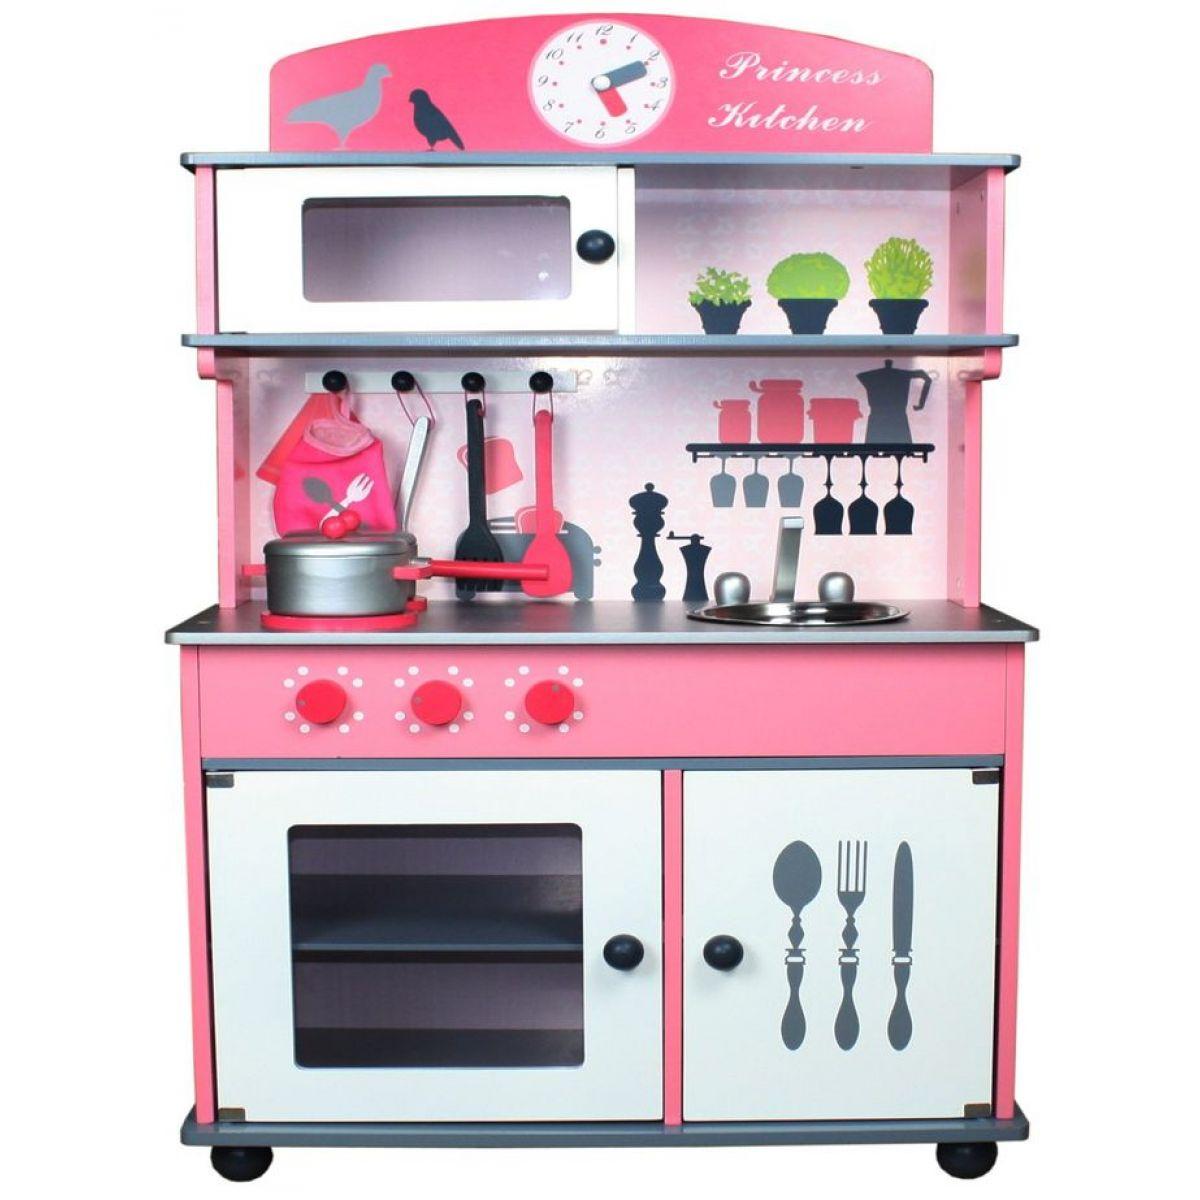 KidsHome Dřevěná kuchyňka s příslušenstvím 100cm